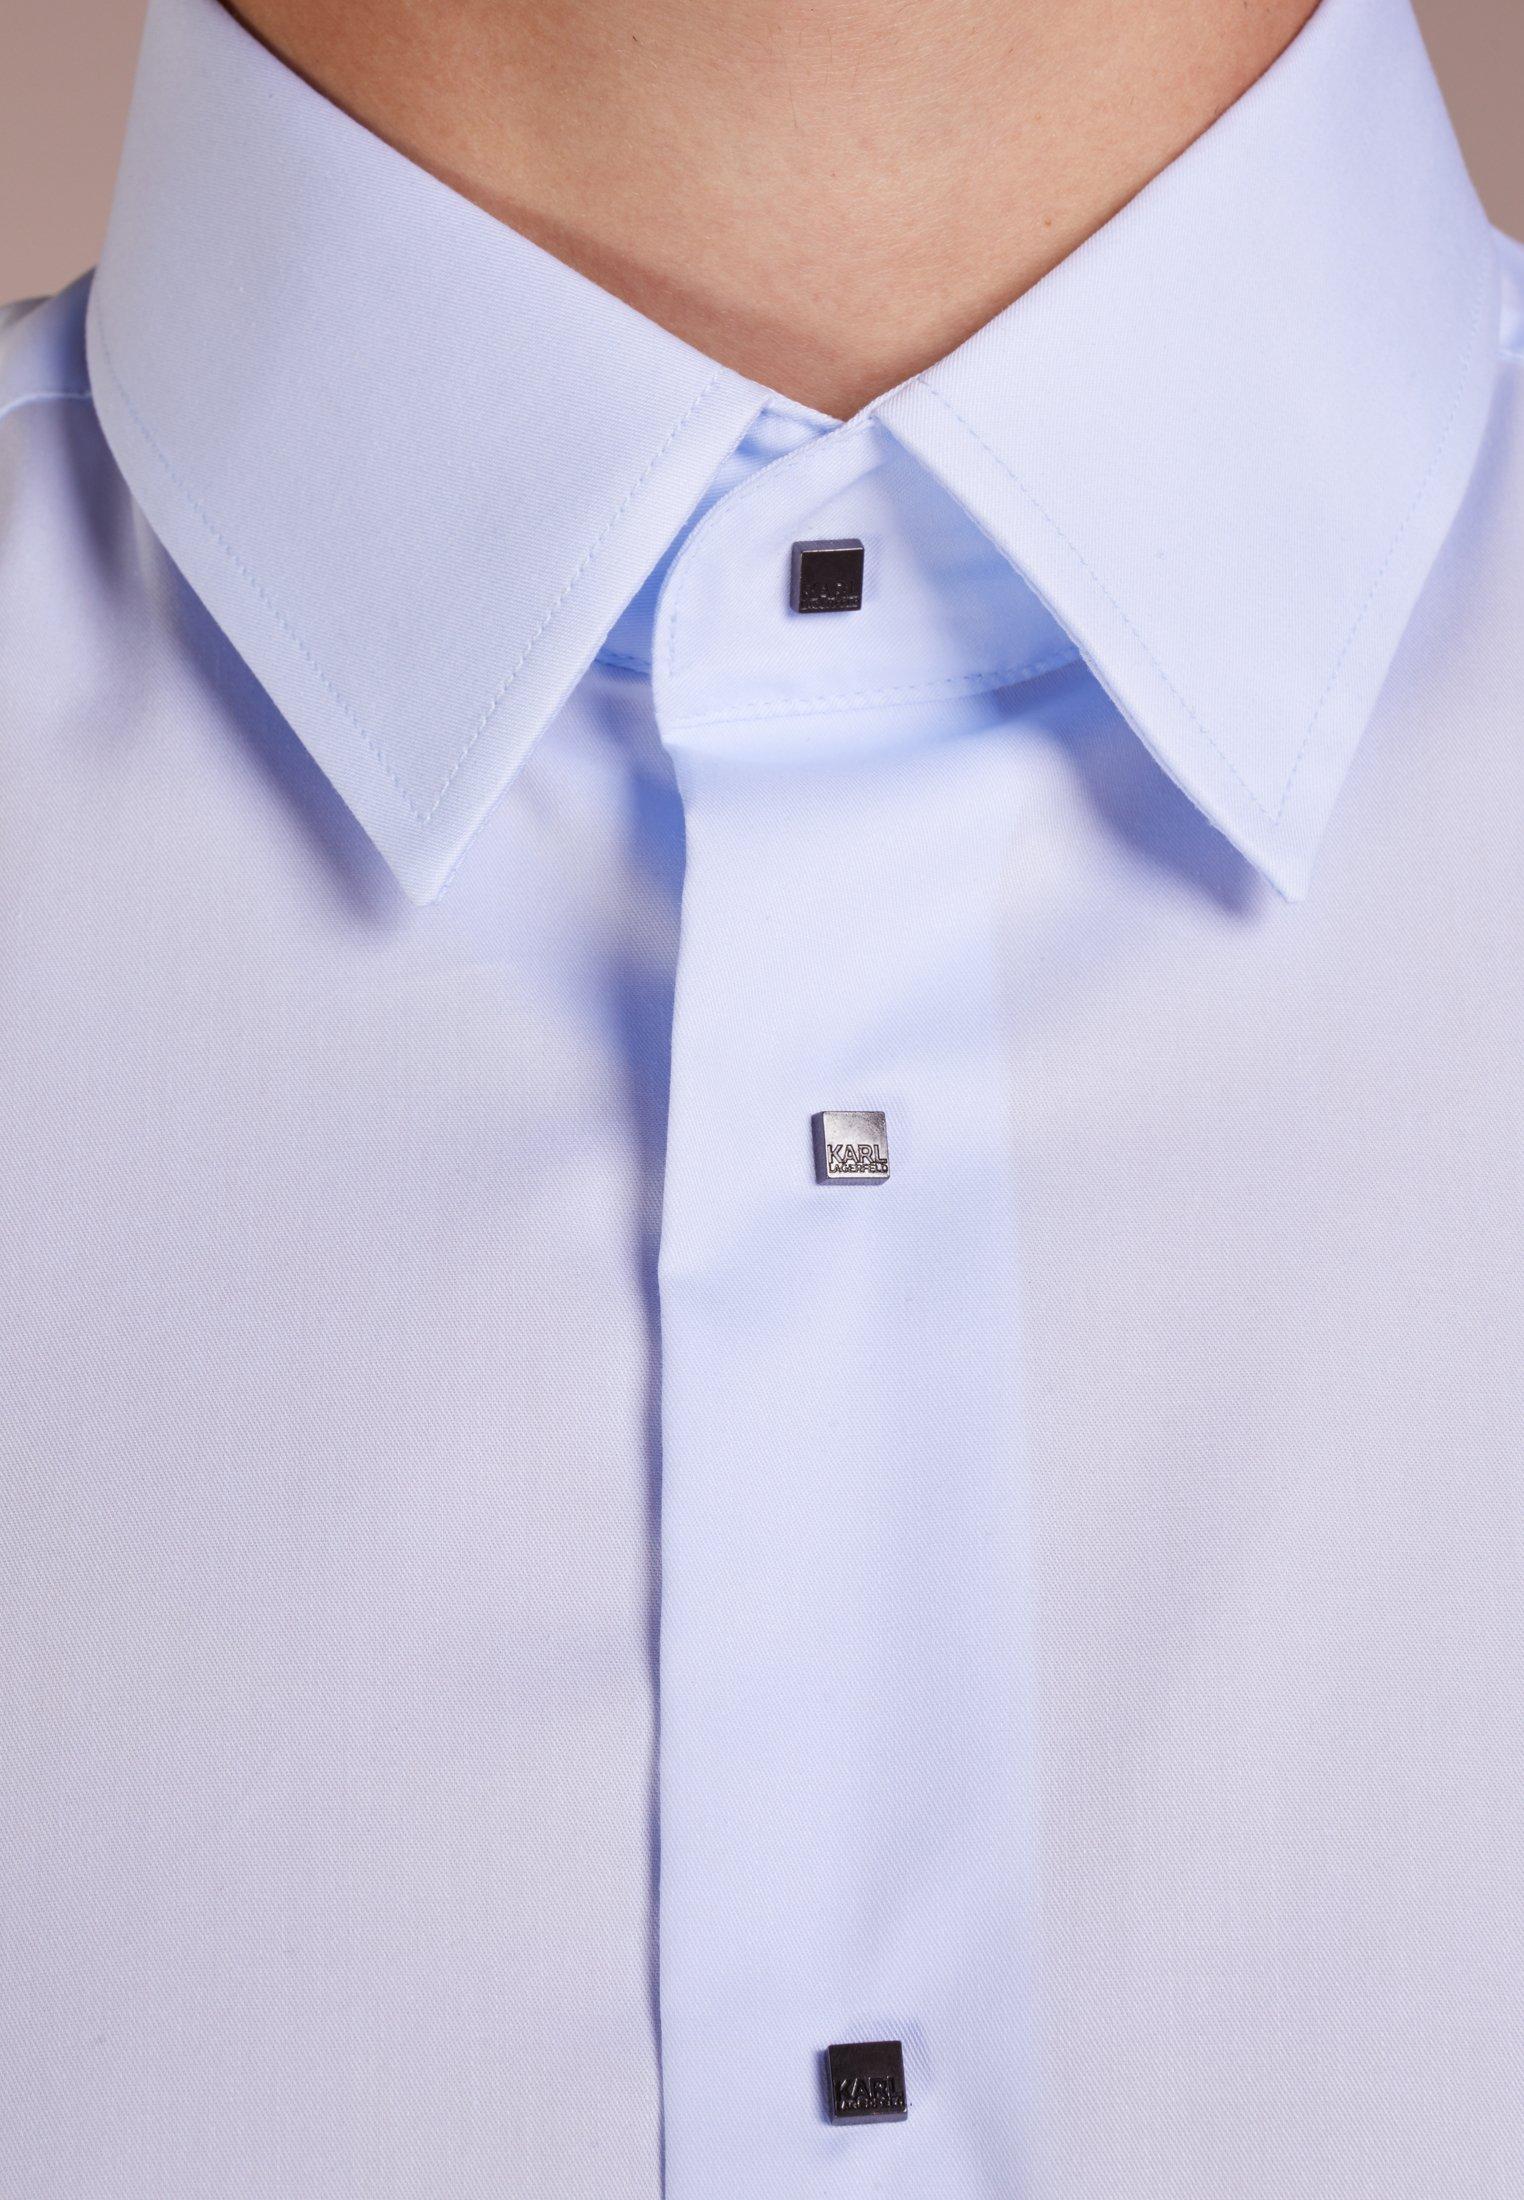 Karl Lagerfeld Businesshemd - Light Blue